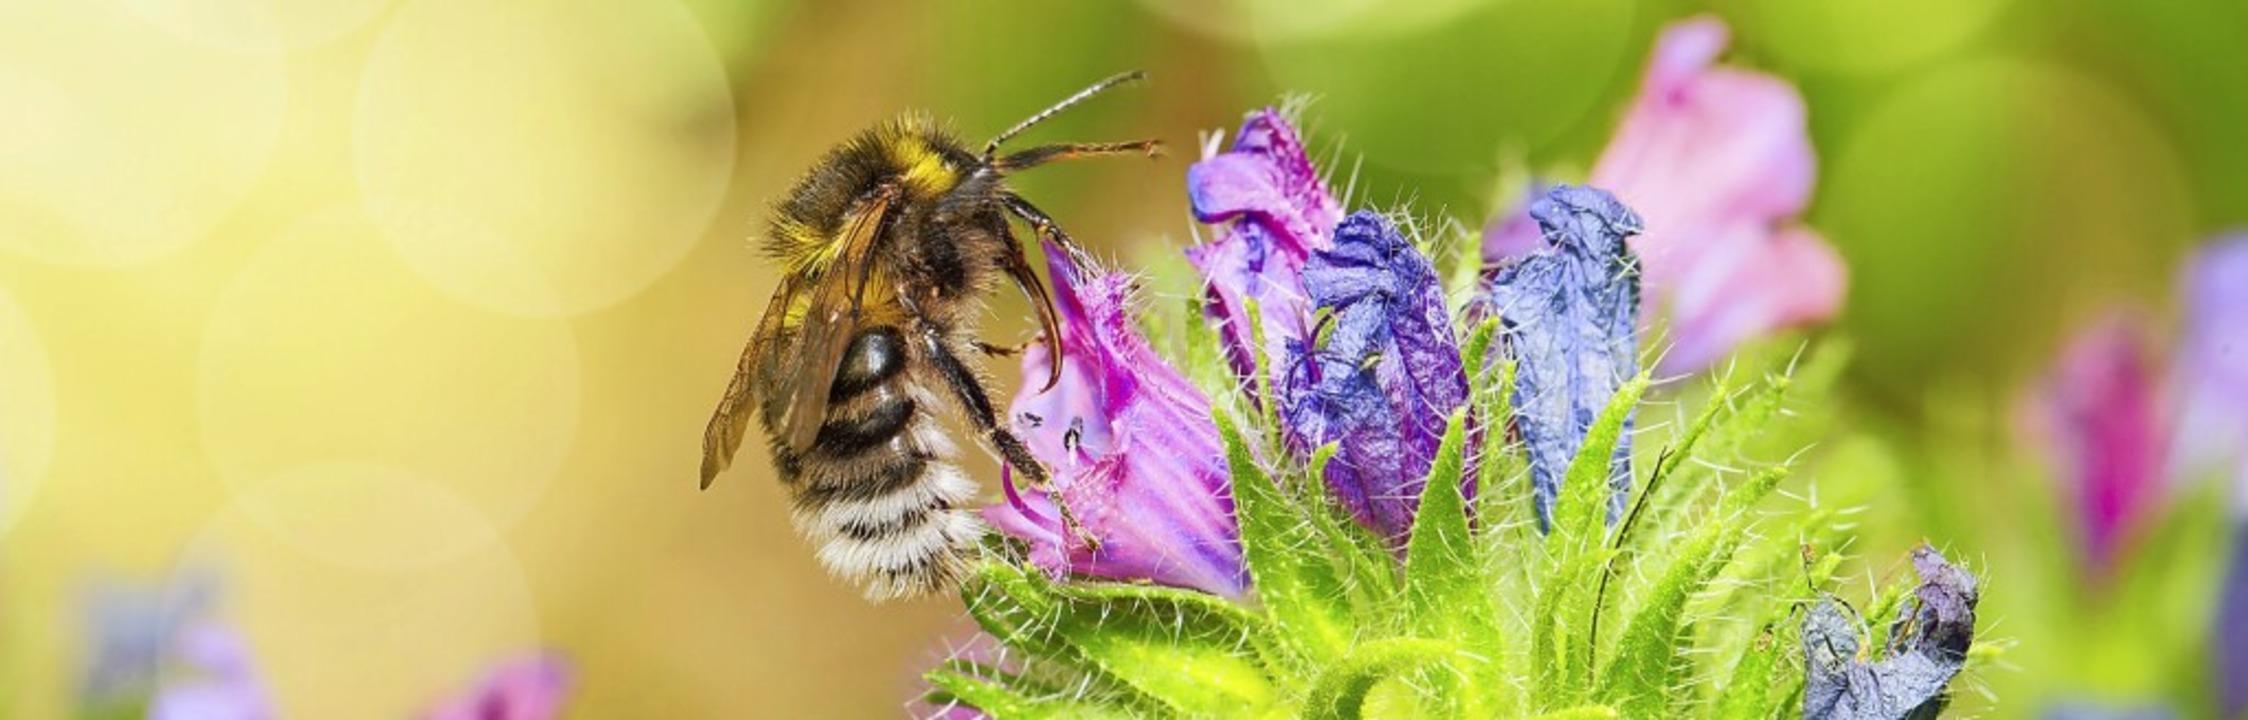 Was der Natur hilft, bringt auch den M...nd der PWV wollen deshalb kooperieren.    Foto: Sabine Dietrich